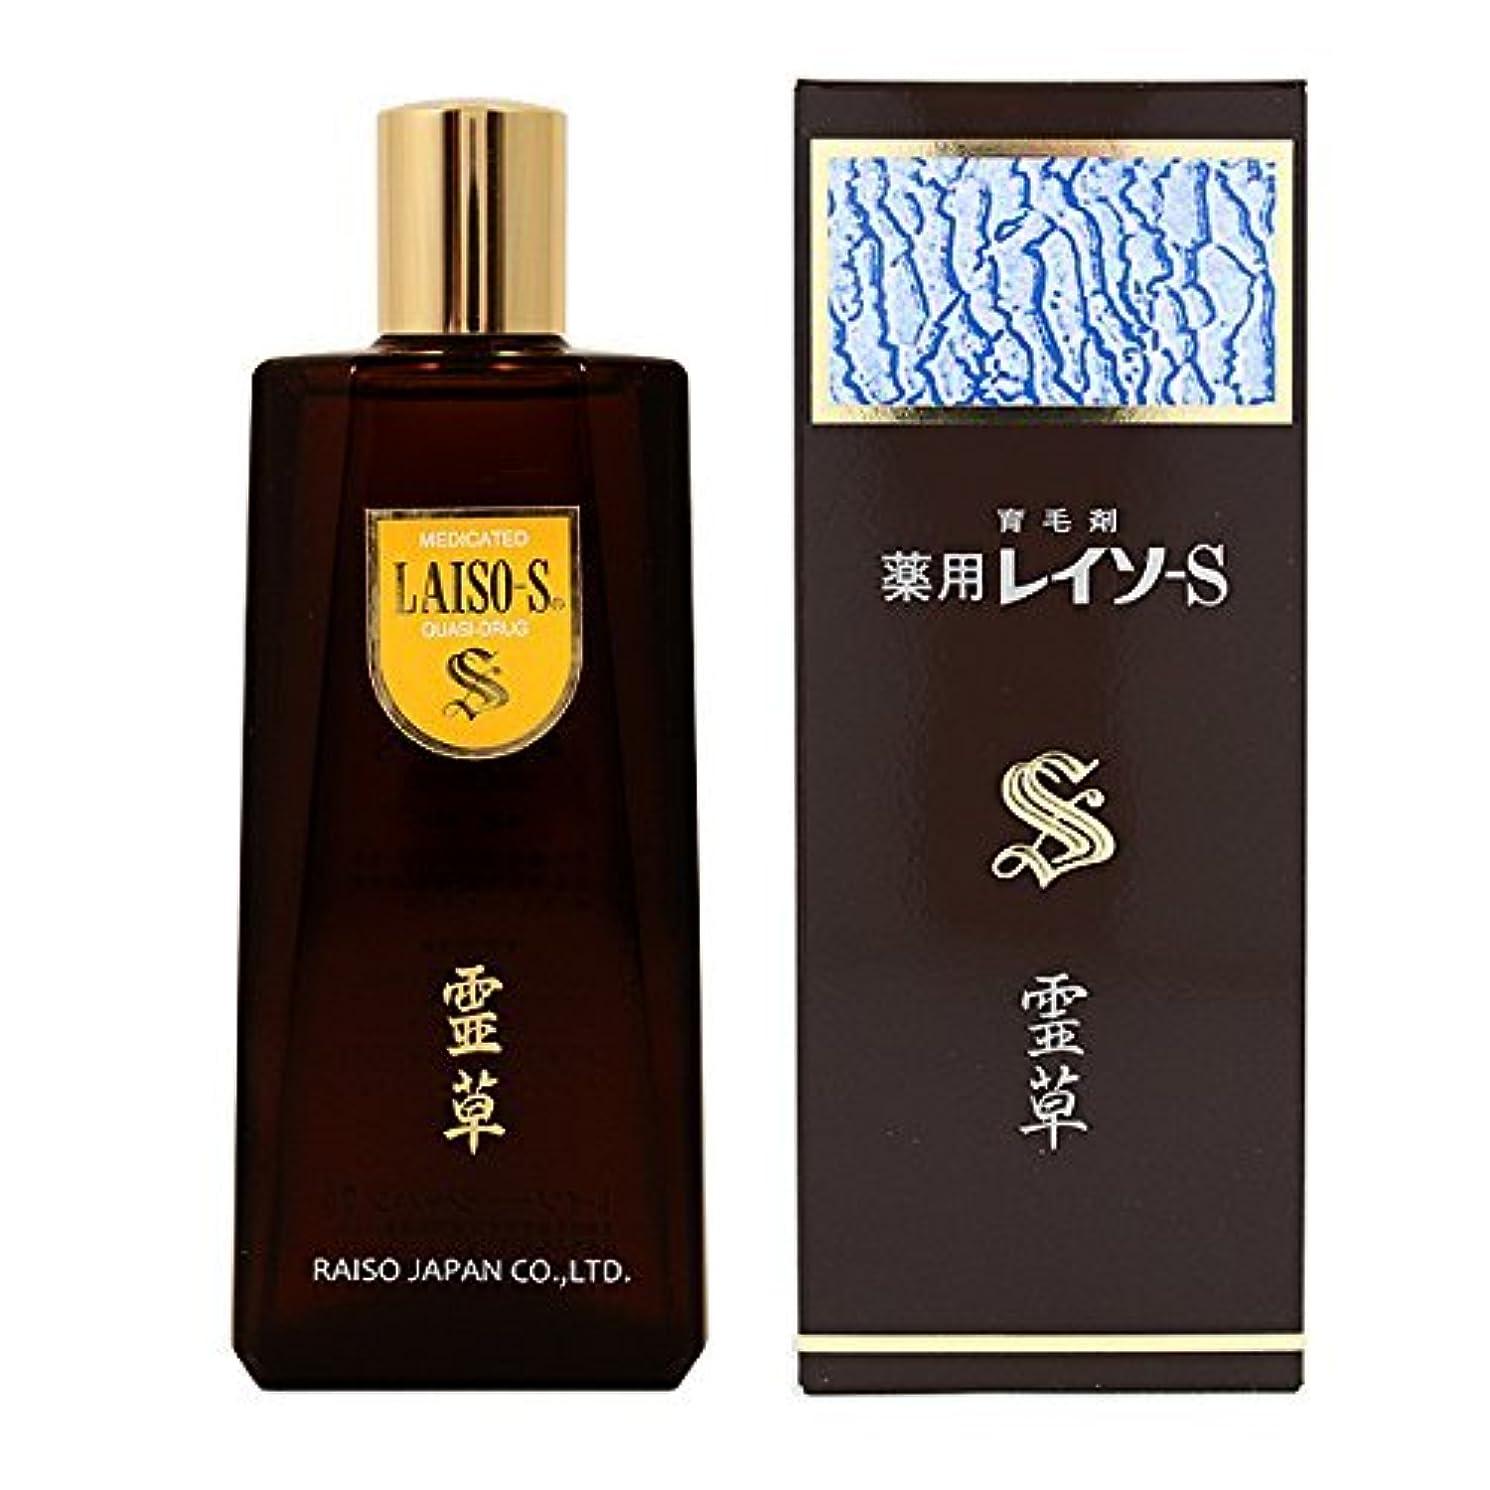 測定可能反論紳士日本ヘアサプライ 薬用レイソーS 150ml